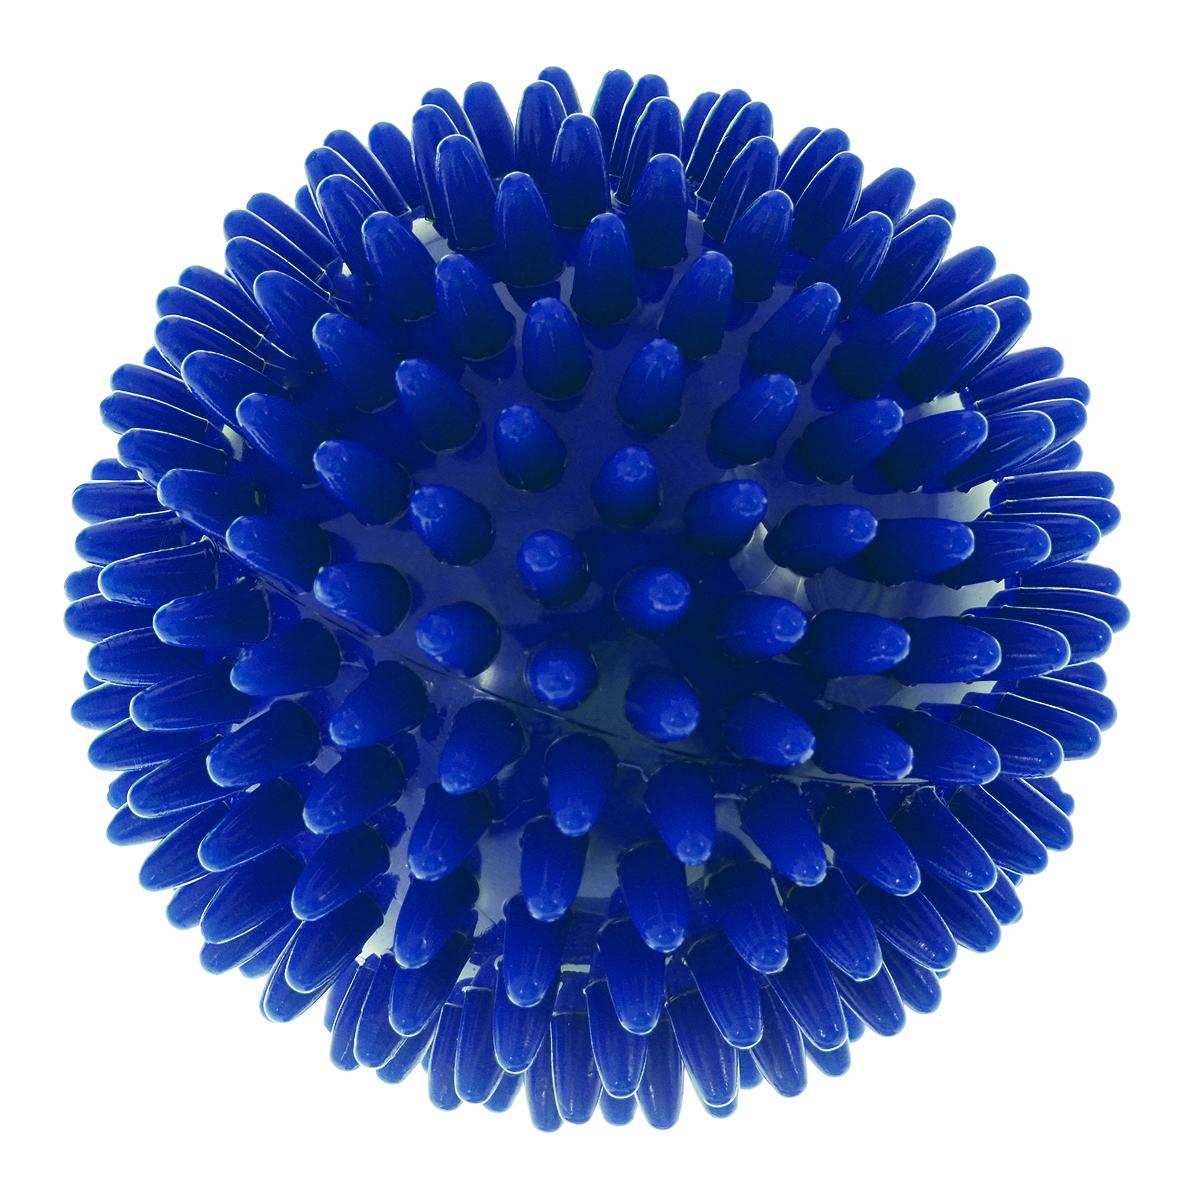 Игрушка для собак V.I.Pet Массажный мяч, цвет: синий, диаметр 7 см0120710Игрушка для собак V.I.Pet Массажный мяч, изготовленная из ПВХ, предназначена для массажа и самомассажа рефлексогенных зон. Она имеет мягкие закругленные массажные шипы, эффективно массирующие и не травмирующие кожу. Игрушка не позволит скучать вашему питомцу ни дома, ни на улице.Диаметр: 7 см.